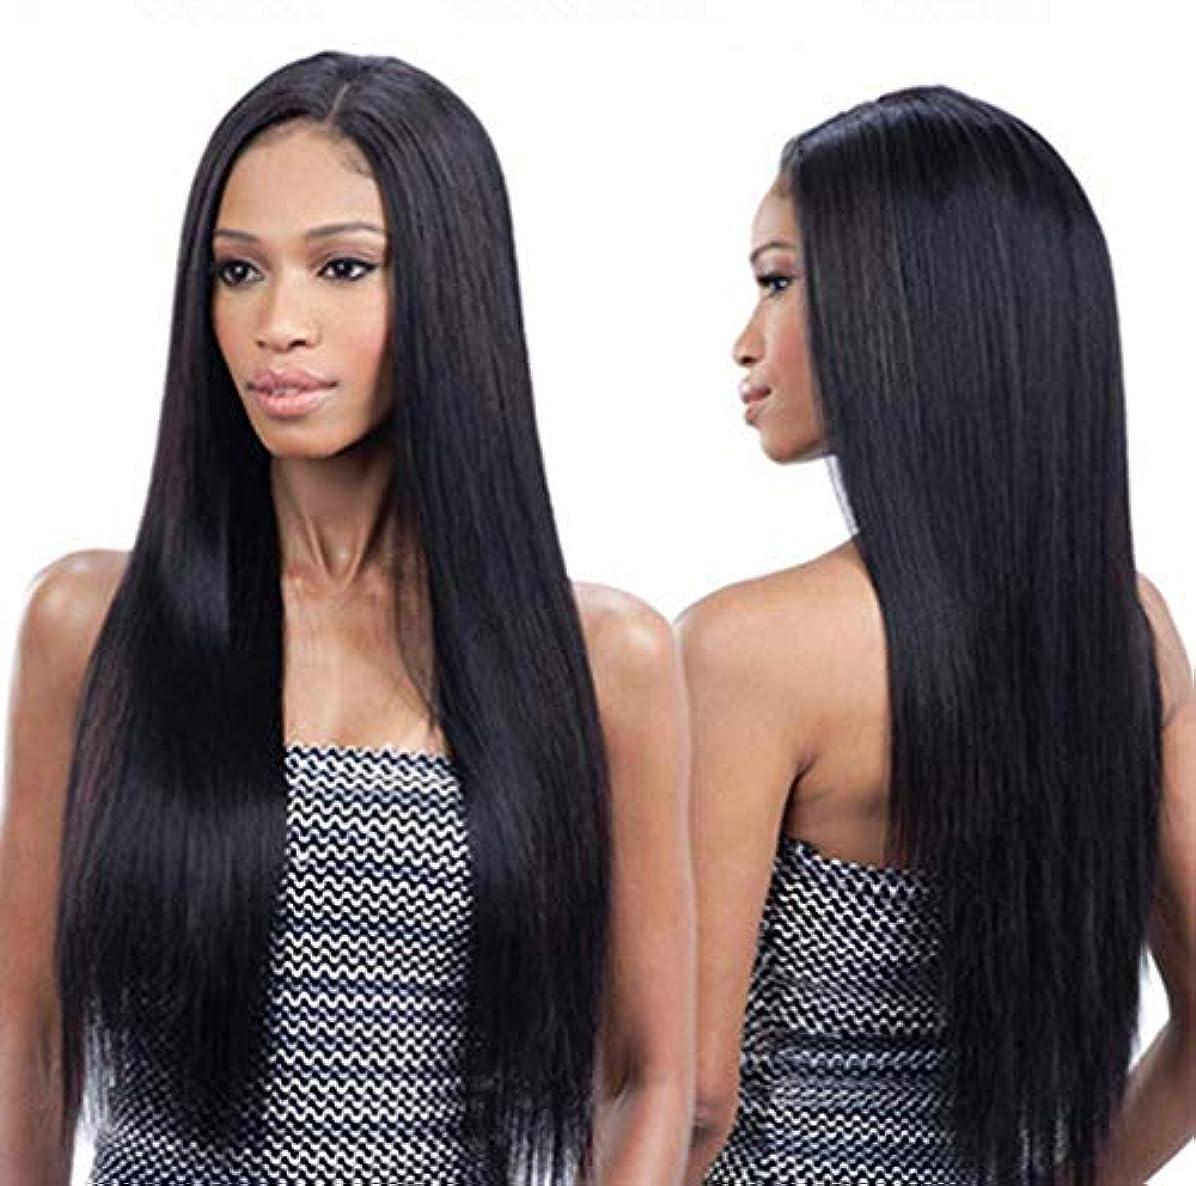 複雑な驚くばかり遺産女性のかつらの毛の耐熱性合成かつらロングストレート耐熱毛事前摘み取られたかつらブラック150%密度